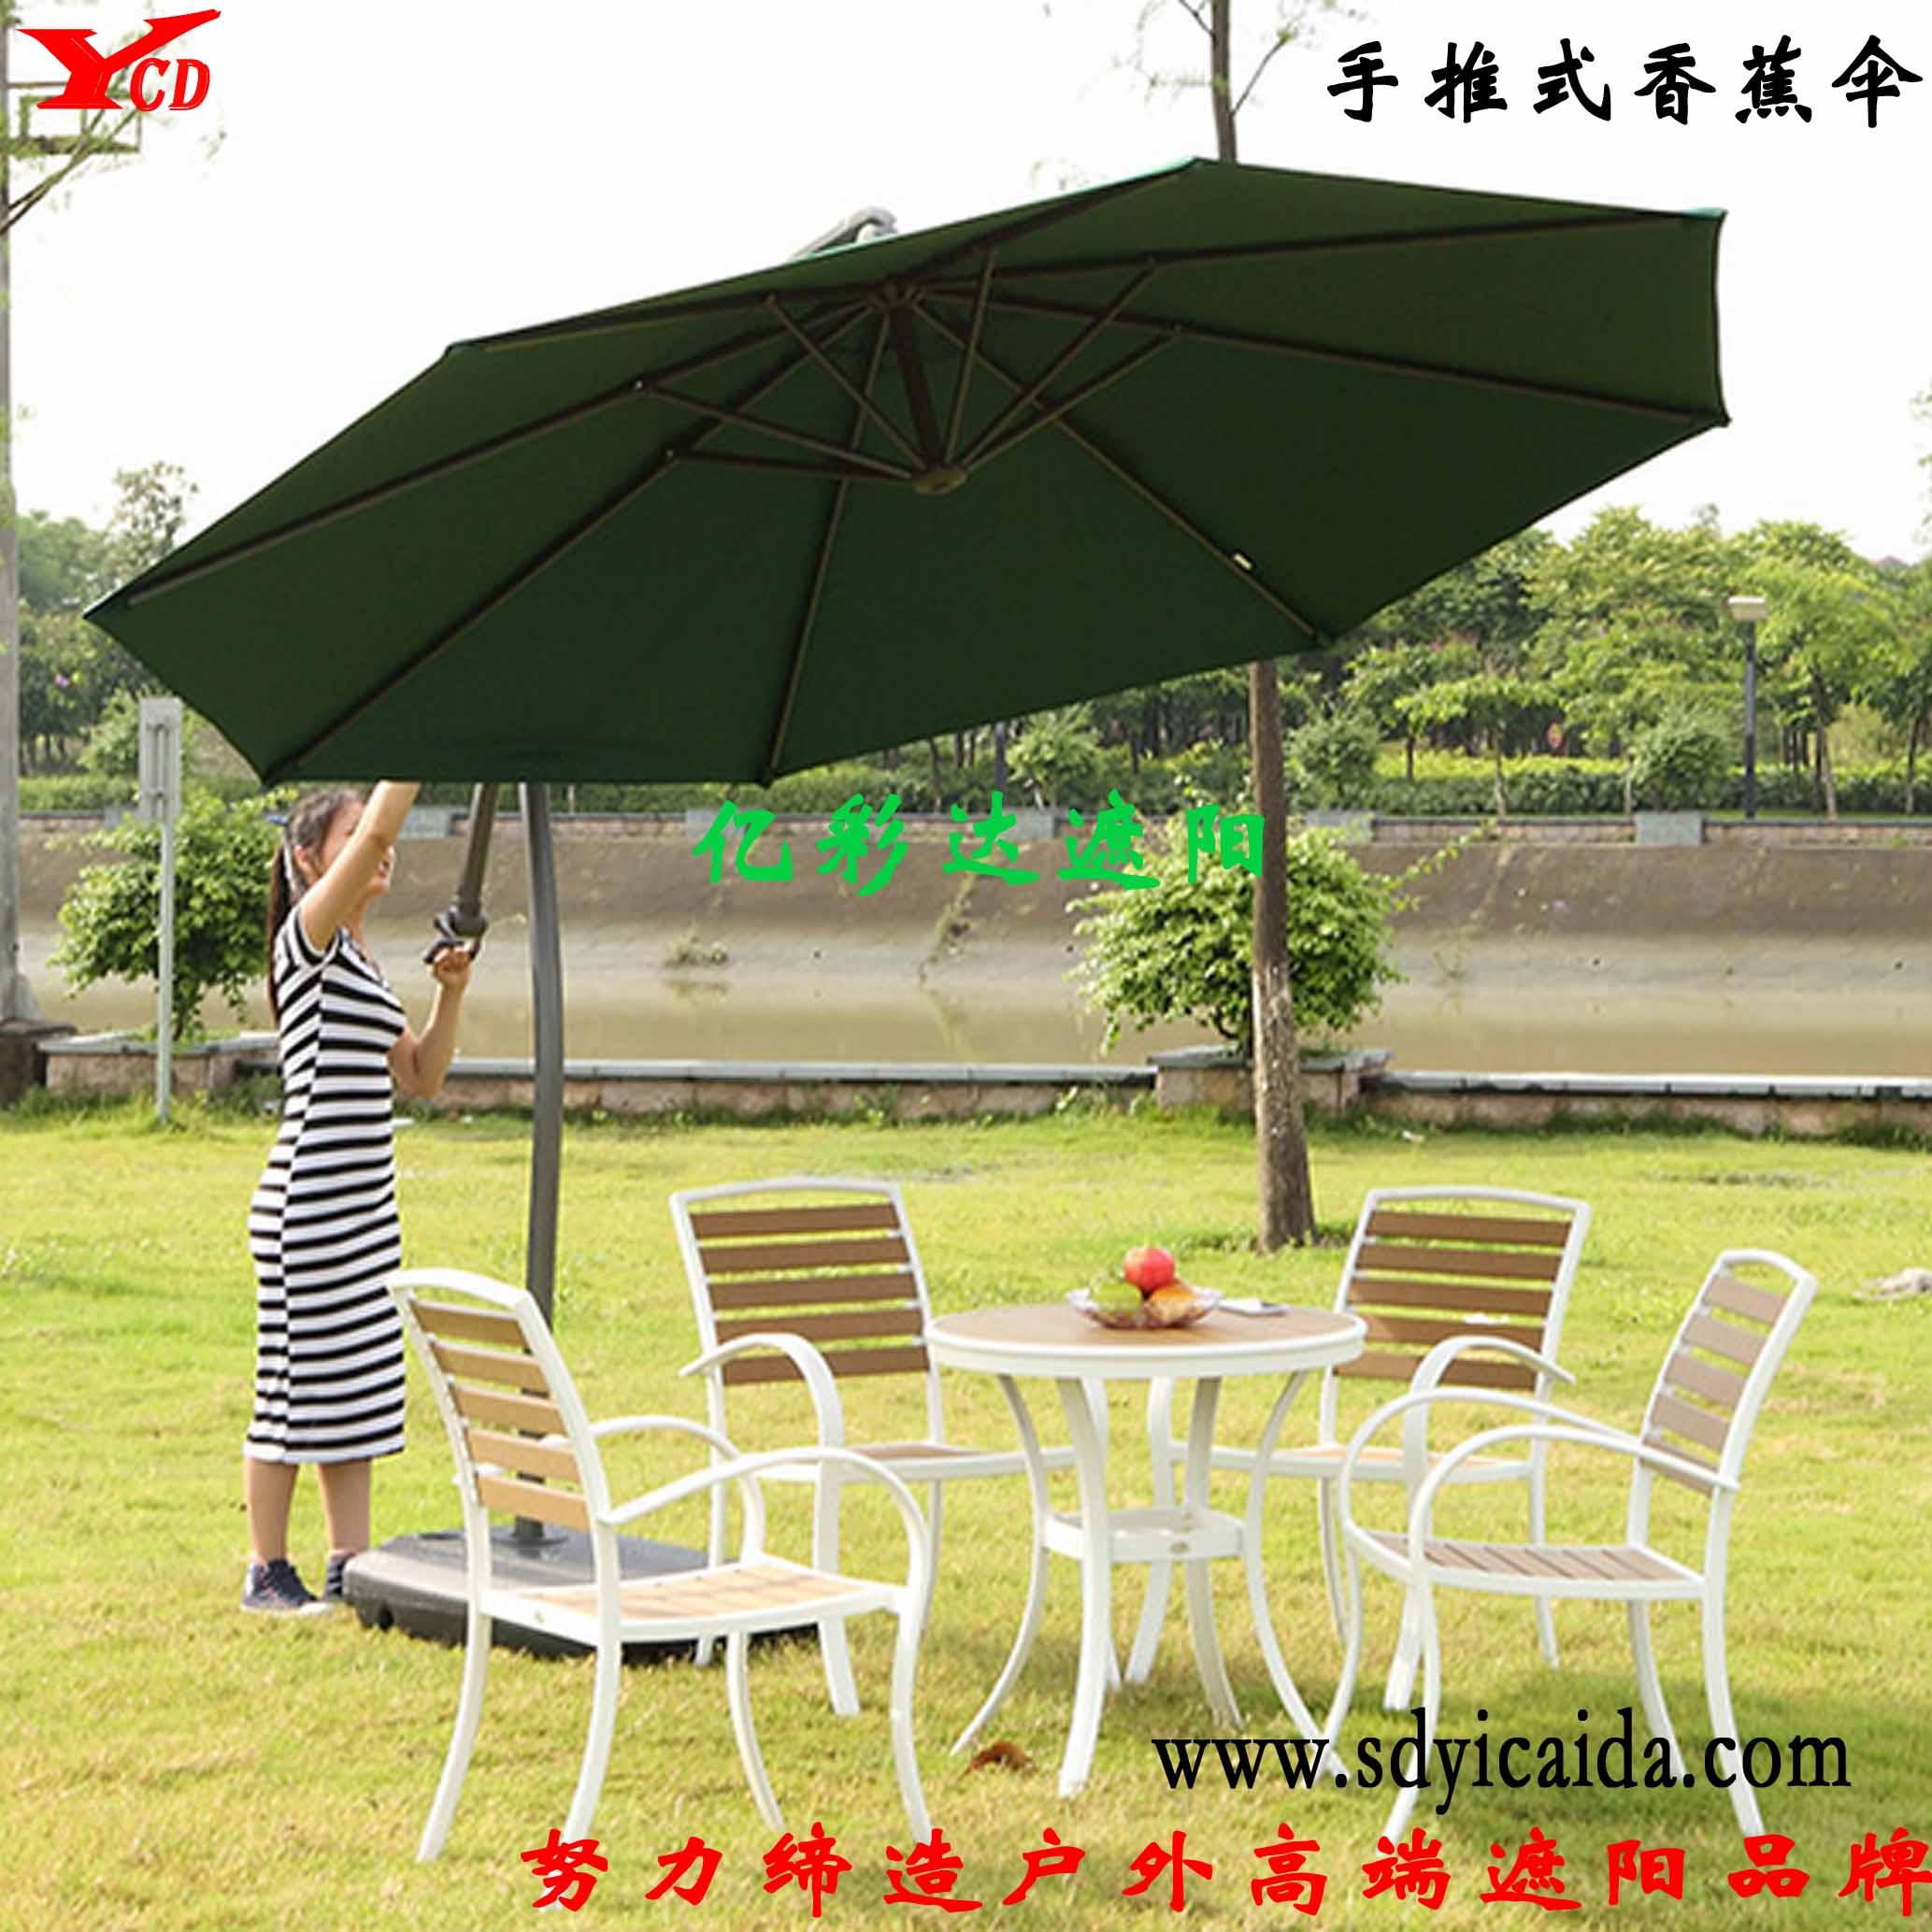 曲臂篷,双开篷,窗口篷,天幕篷,推拉篷,膜结构,车棚,露台棚,遮阳伞